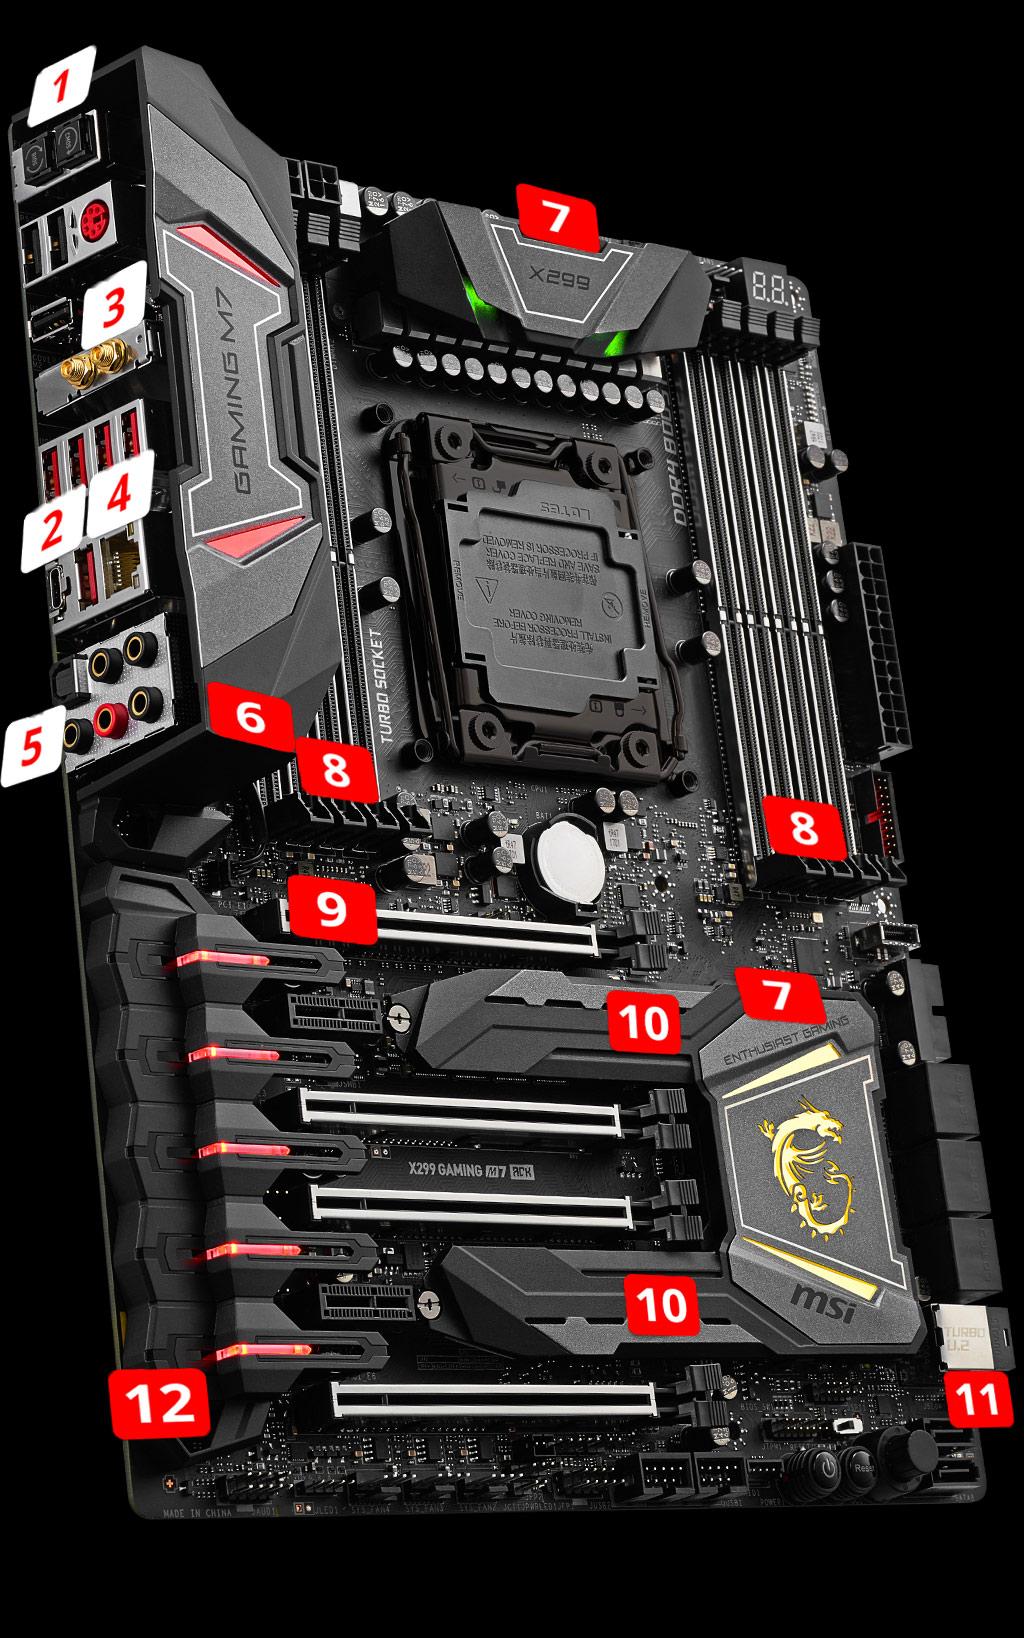 MSI X299 Gaming M7 ACK LGA 2066 ATX Motherboard